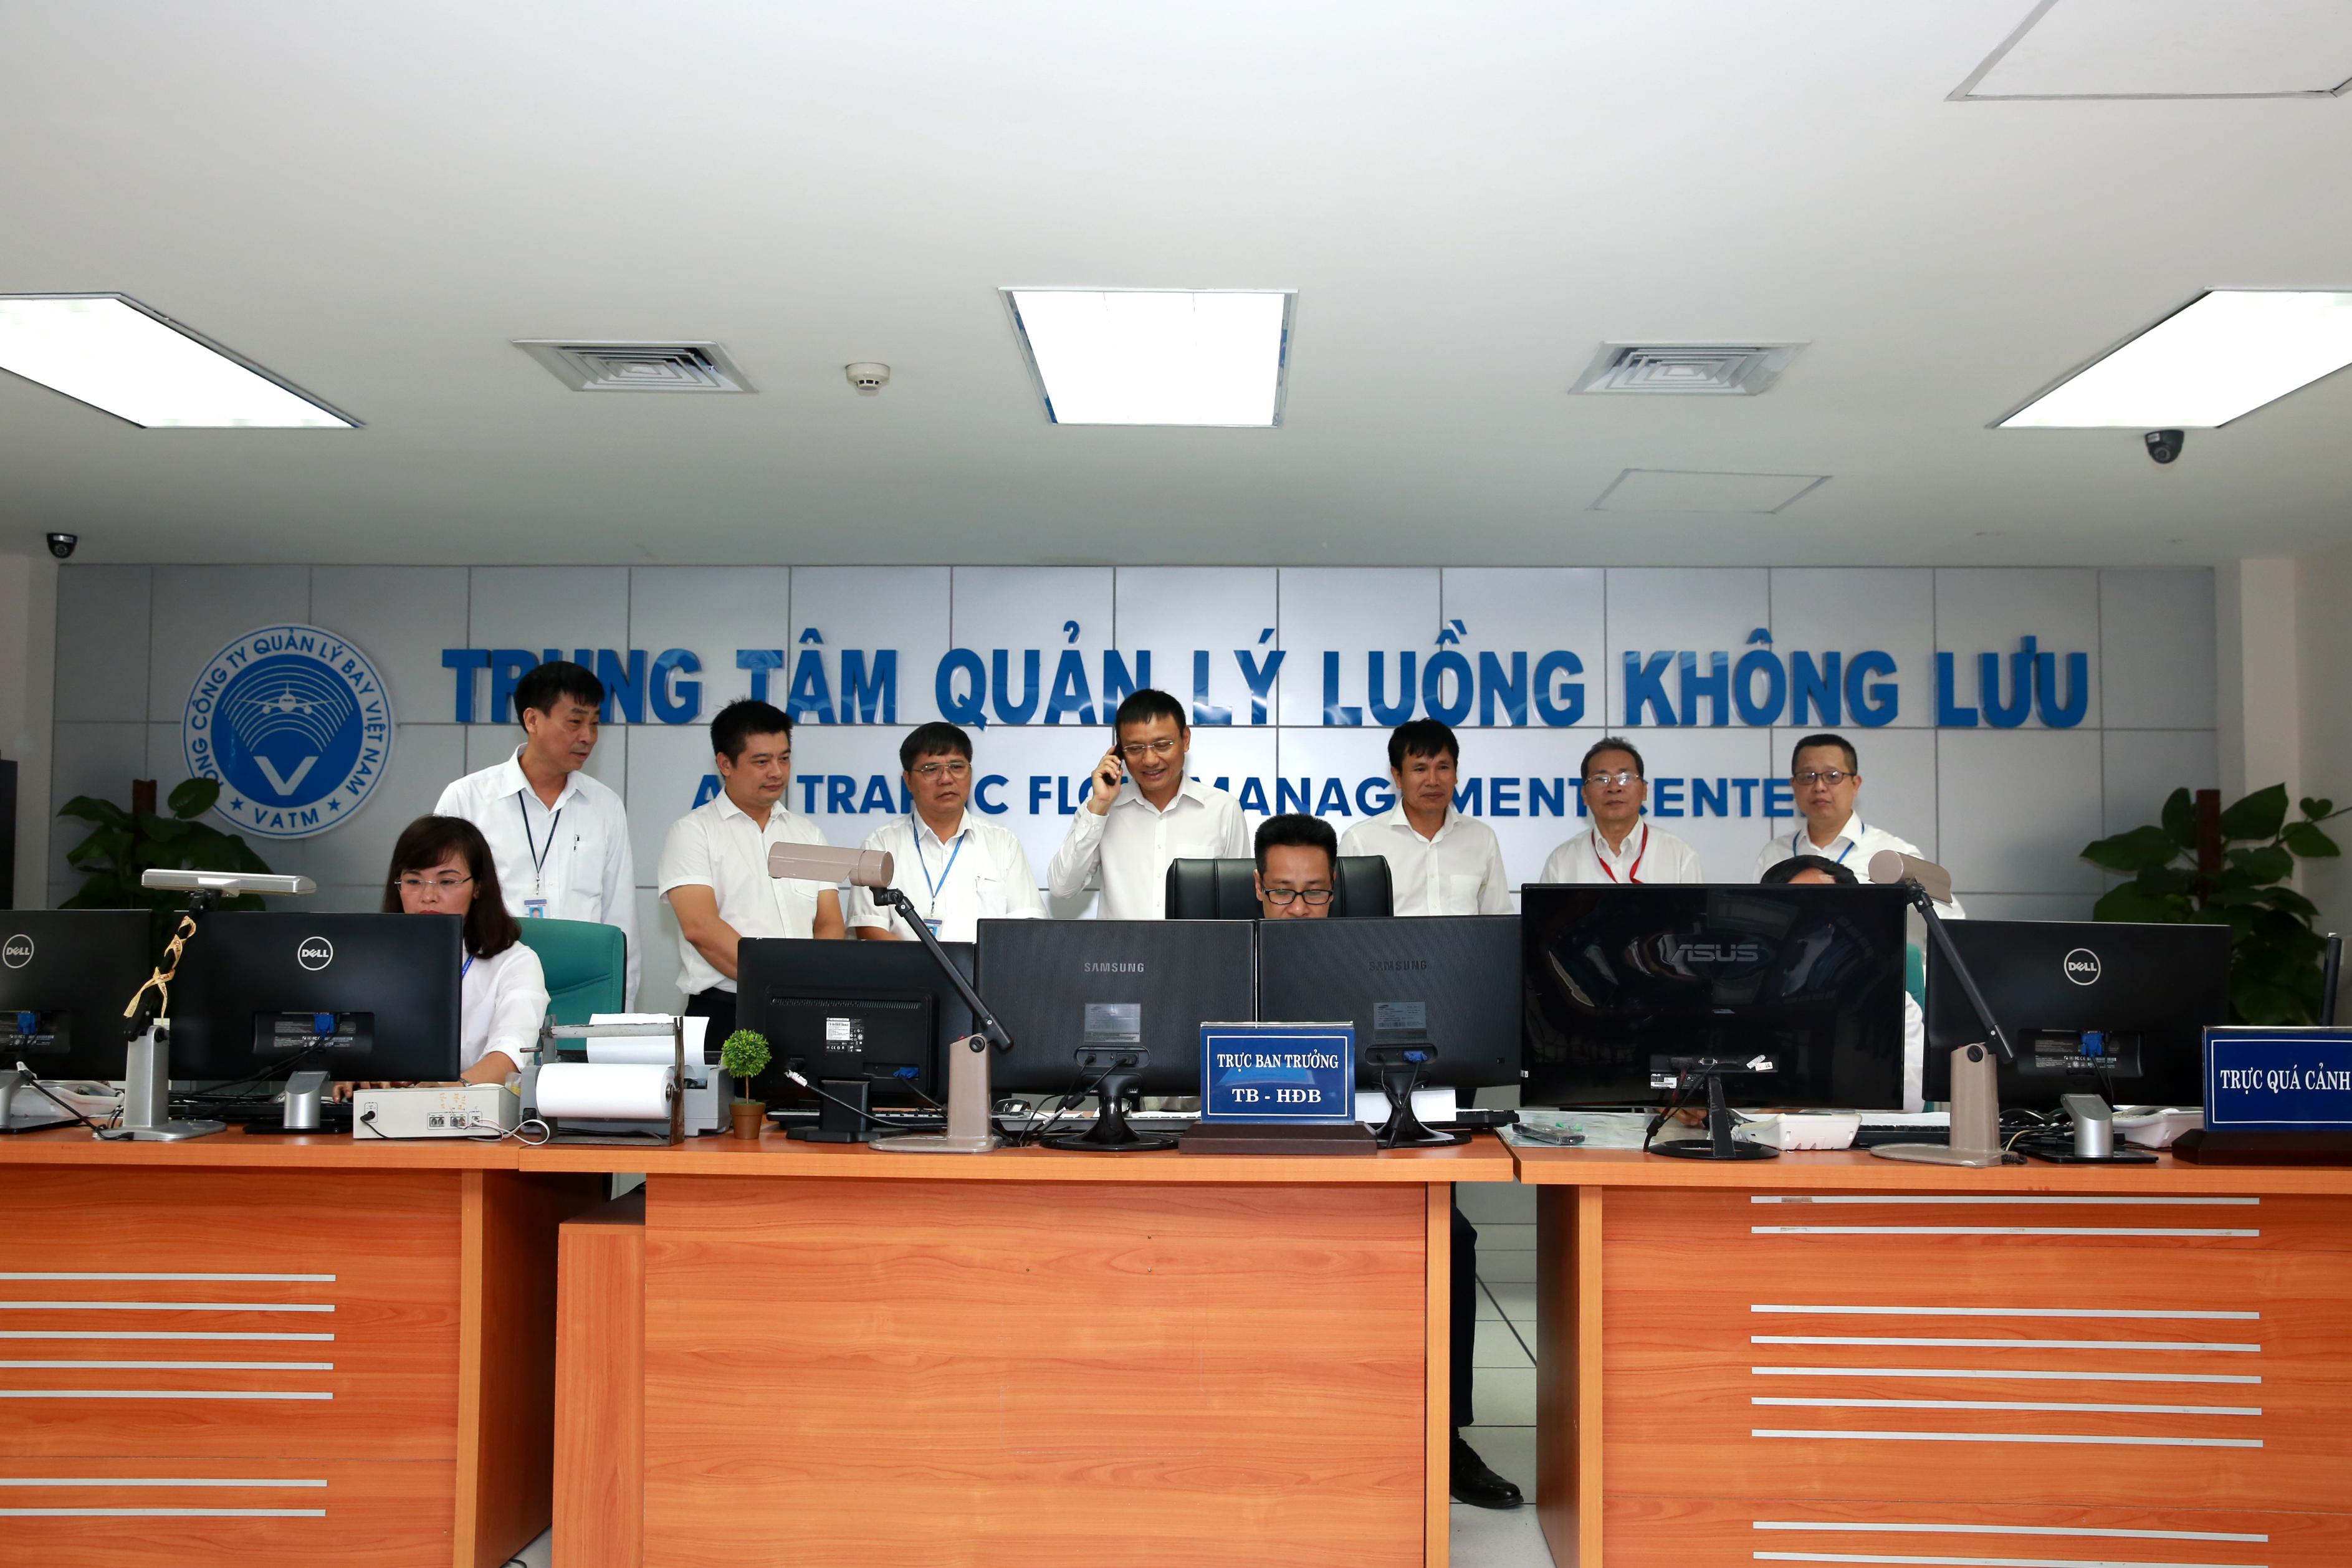 Trung tâm Quản lý luồng không lưu triển khai kế hoạch khai thác thử nghiệm Quản lý luồng không lưu phân phối đa điểm nút mức 2 giữa HKDD Việt Nam và Singapore